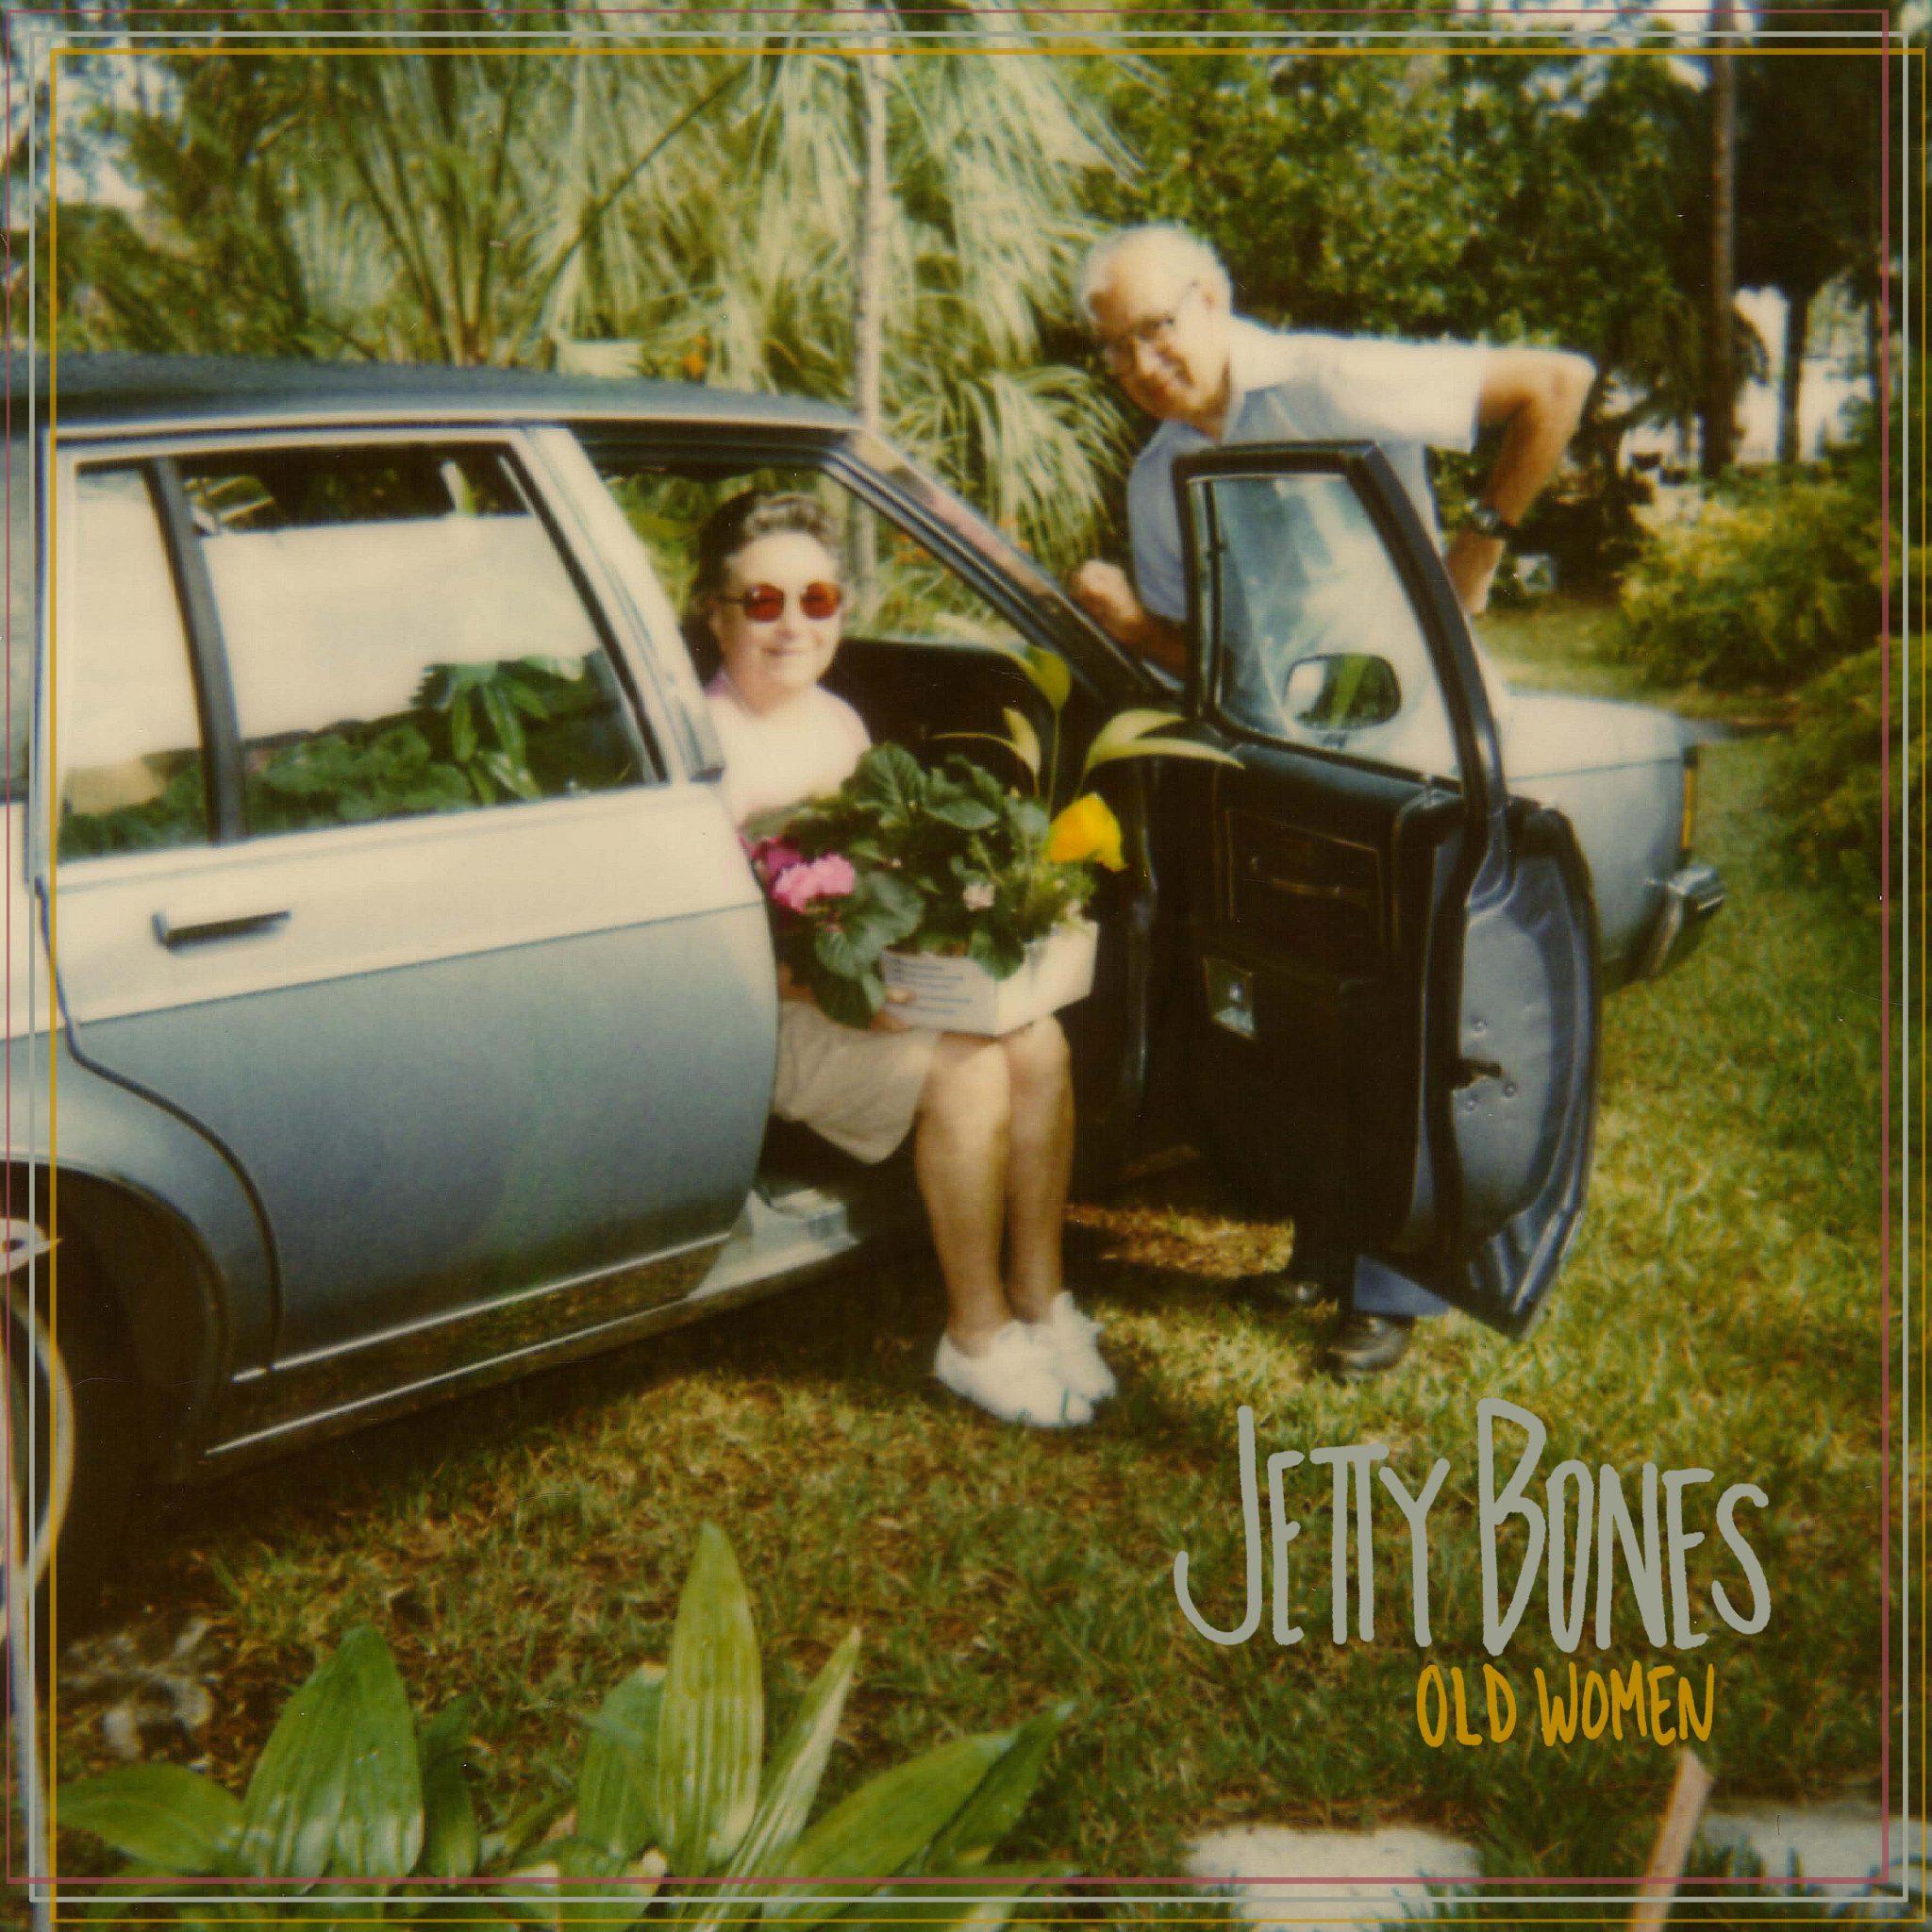 Jetty Bones OW